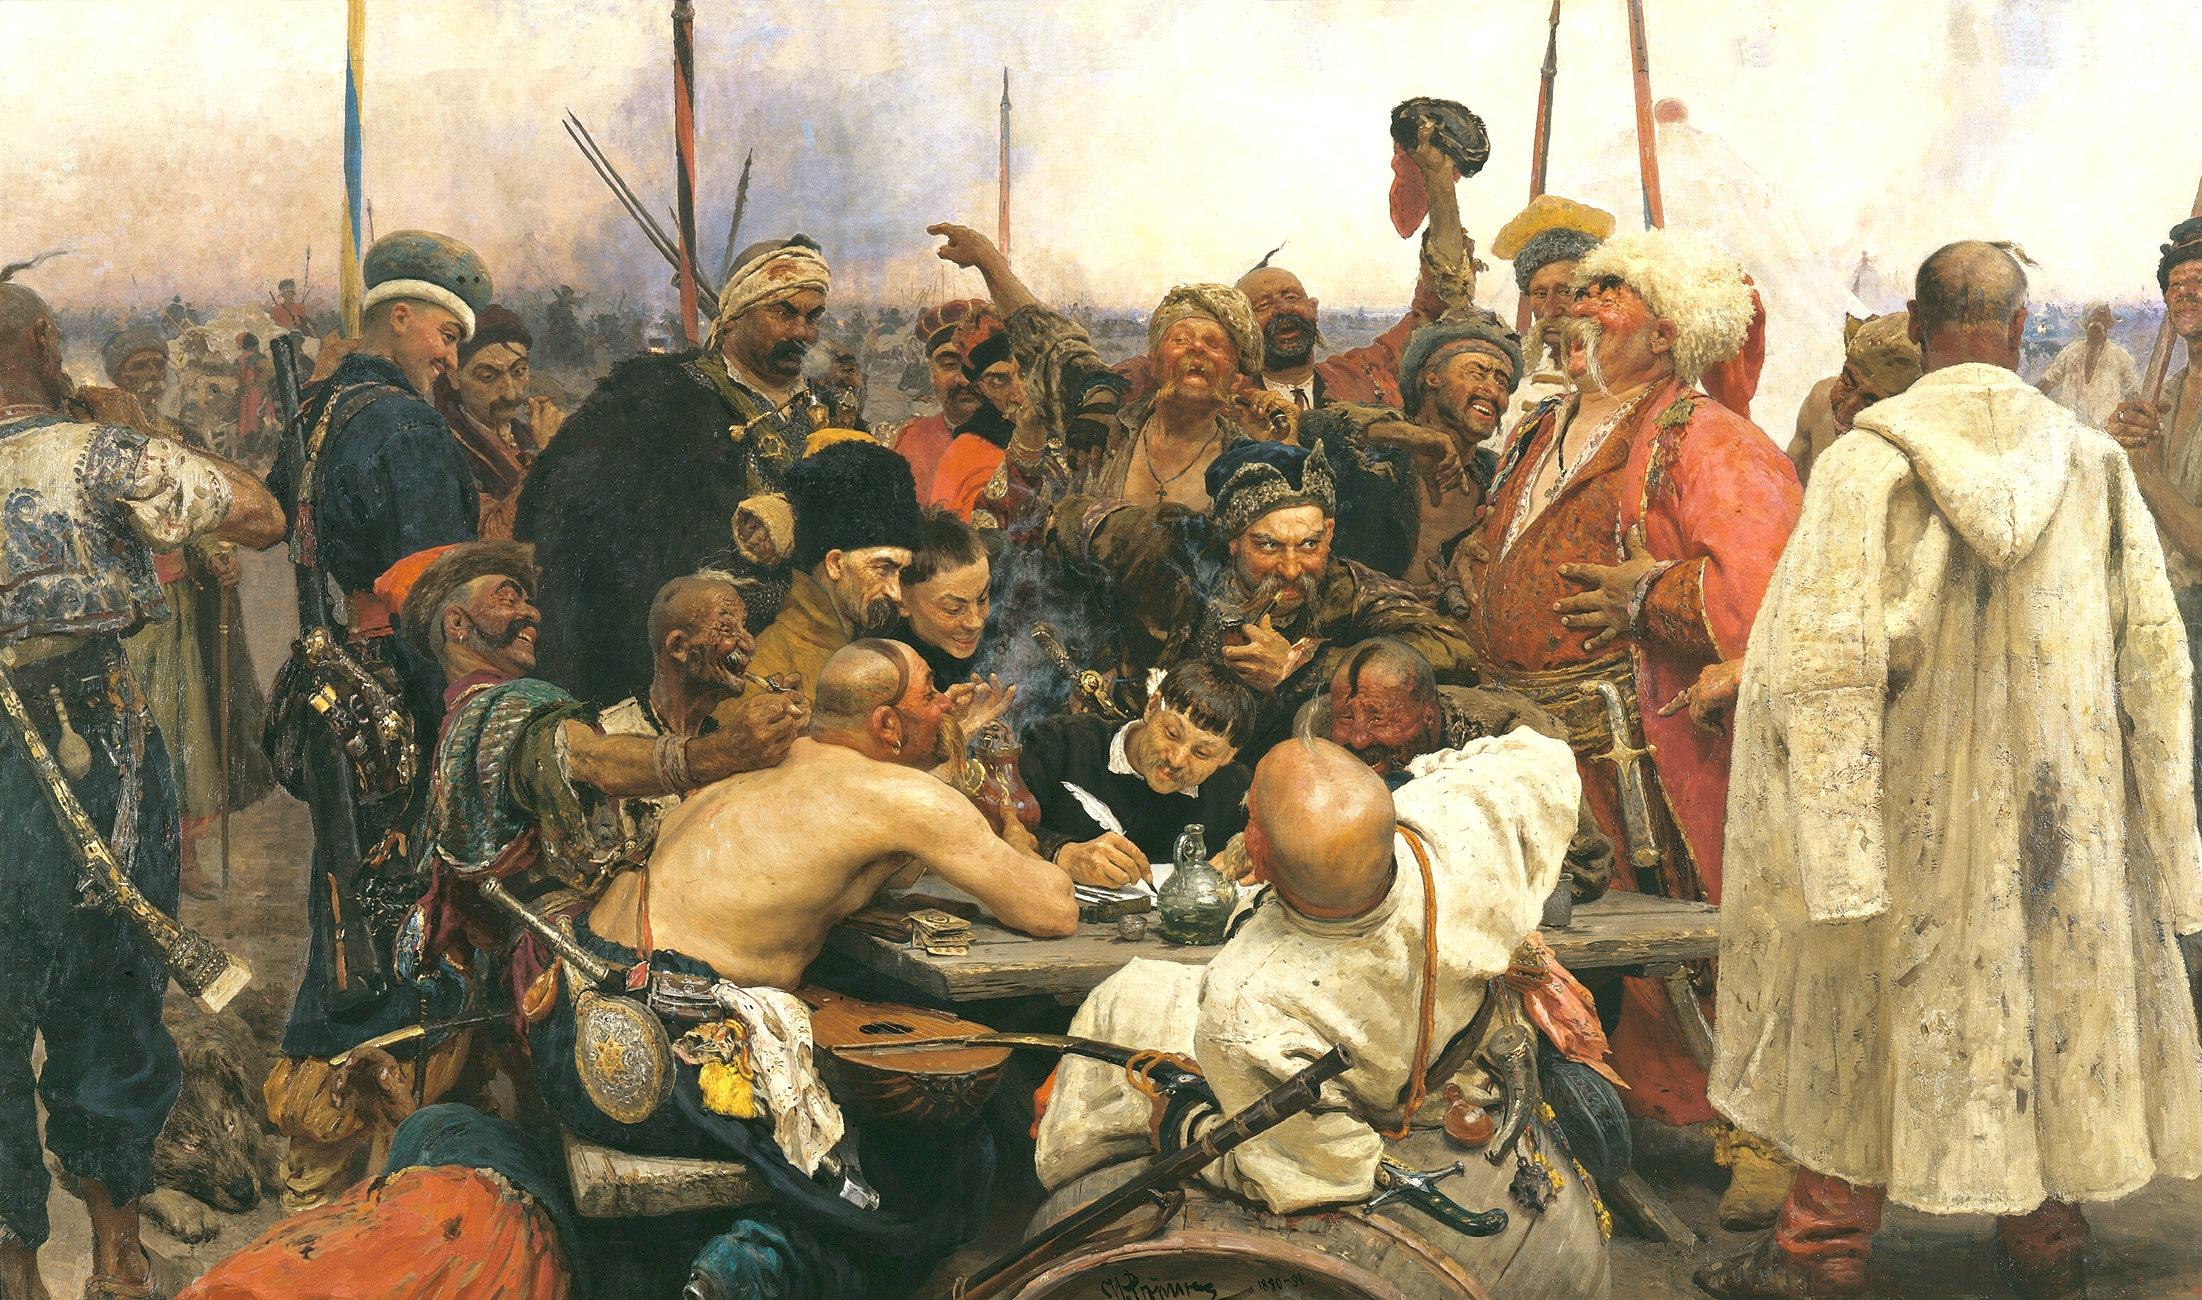 A zaporozsjei kozákok levelet írnak a szultánnak (Repin festménye)  Vörös köpenyben, fehér kucsmával Bulba Tarasz, Gogol regényének a hőse